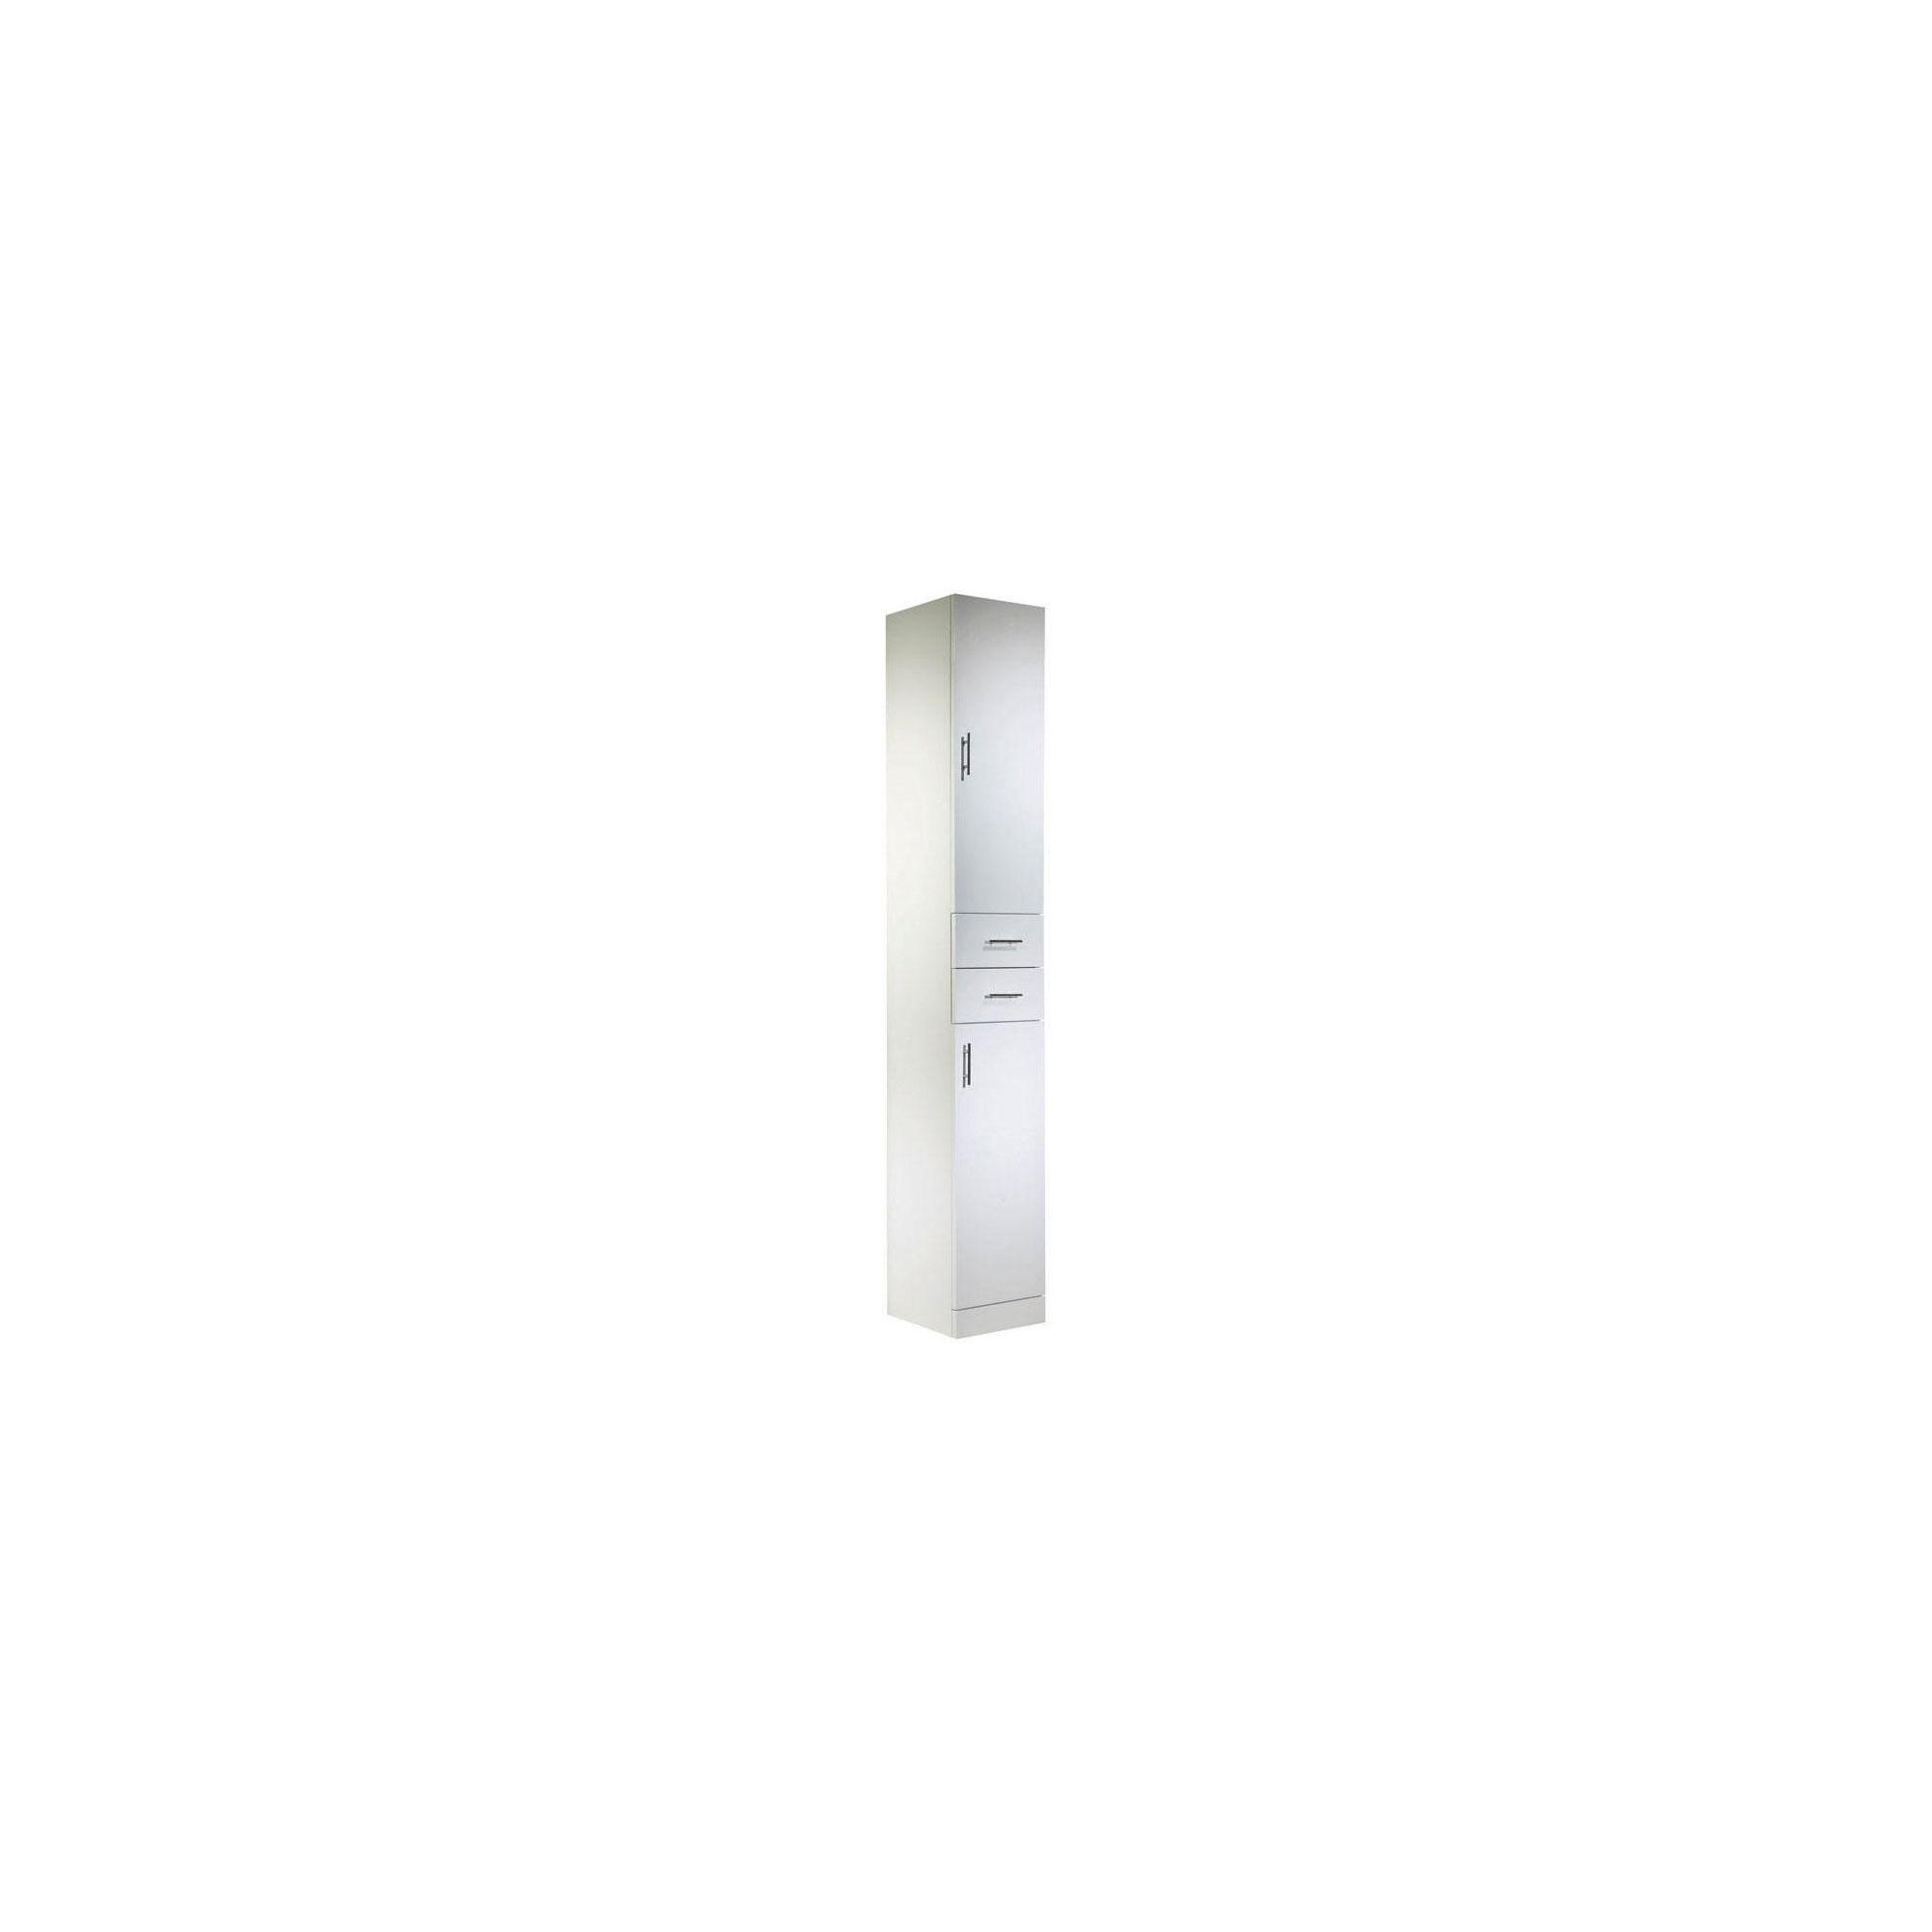 Tavistock Evolution White Tall Floor Standing Storage Unit - 300mm Wide